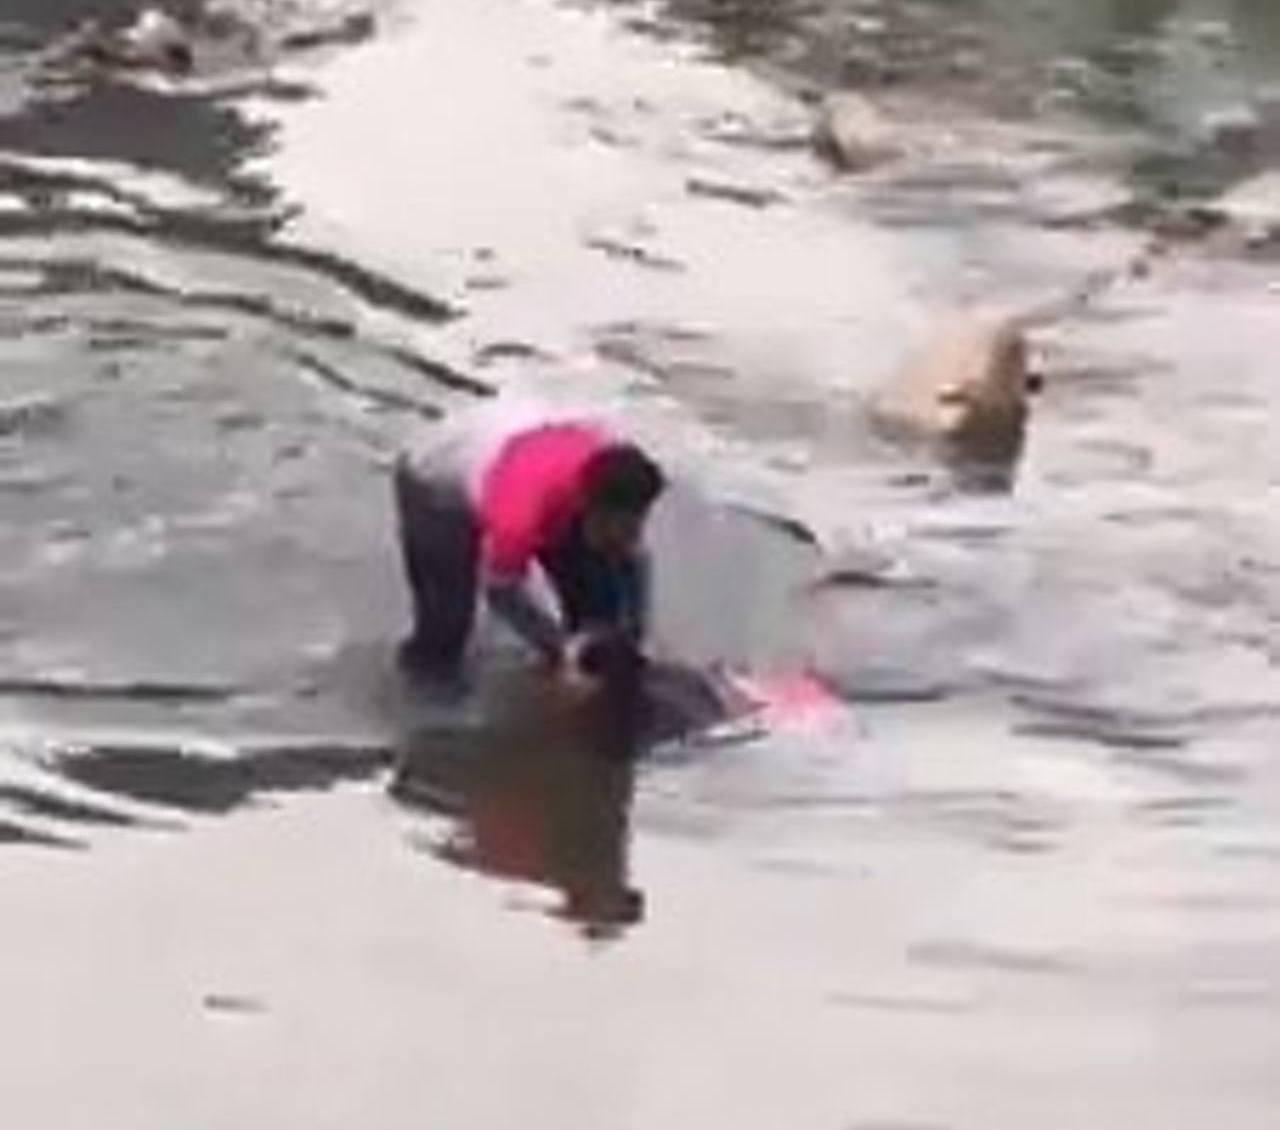 馬來西亞一女子意圖輕生,臉朝河水幾乎沒命,本來在送餐途中的外送員見狀即二話不說衝...